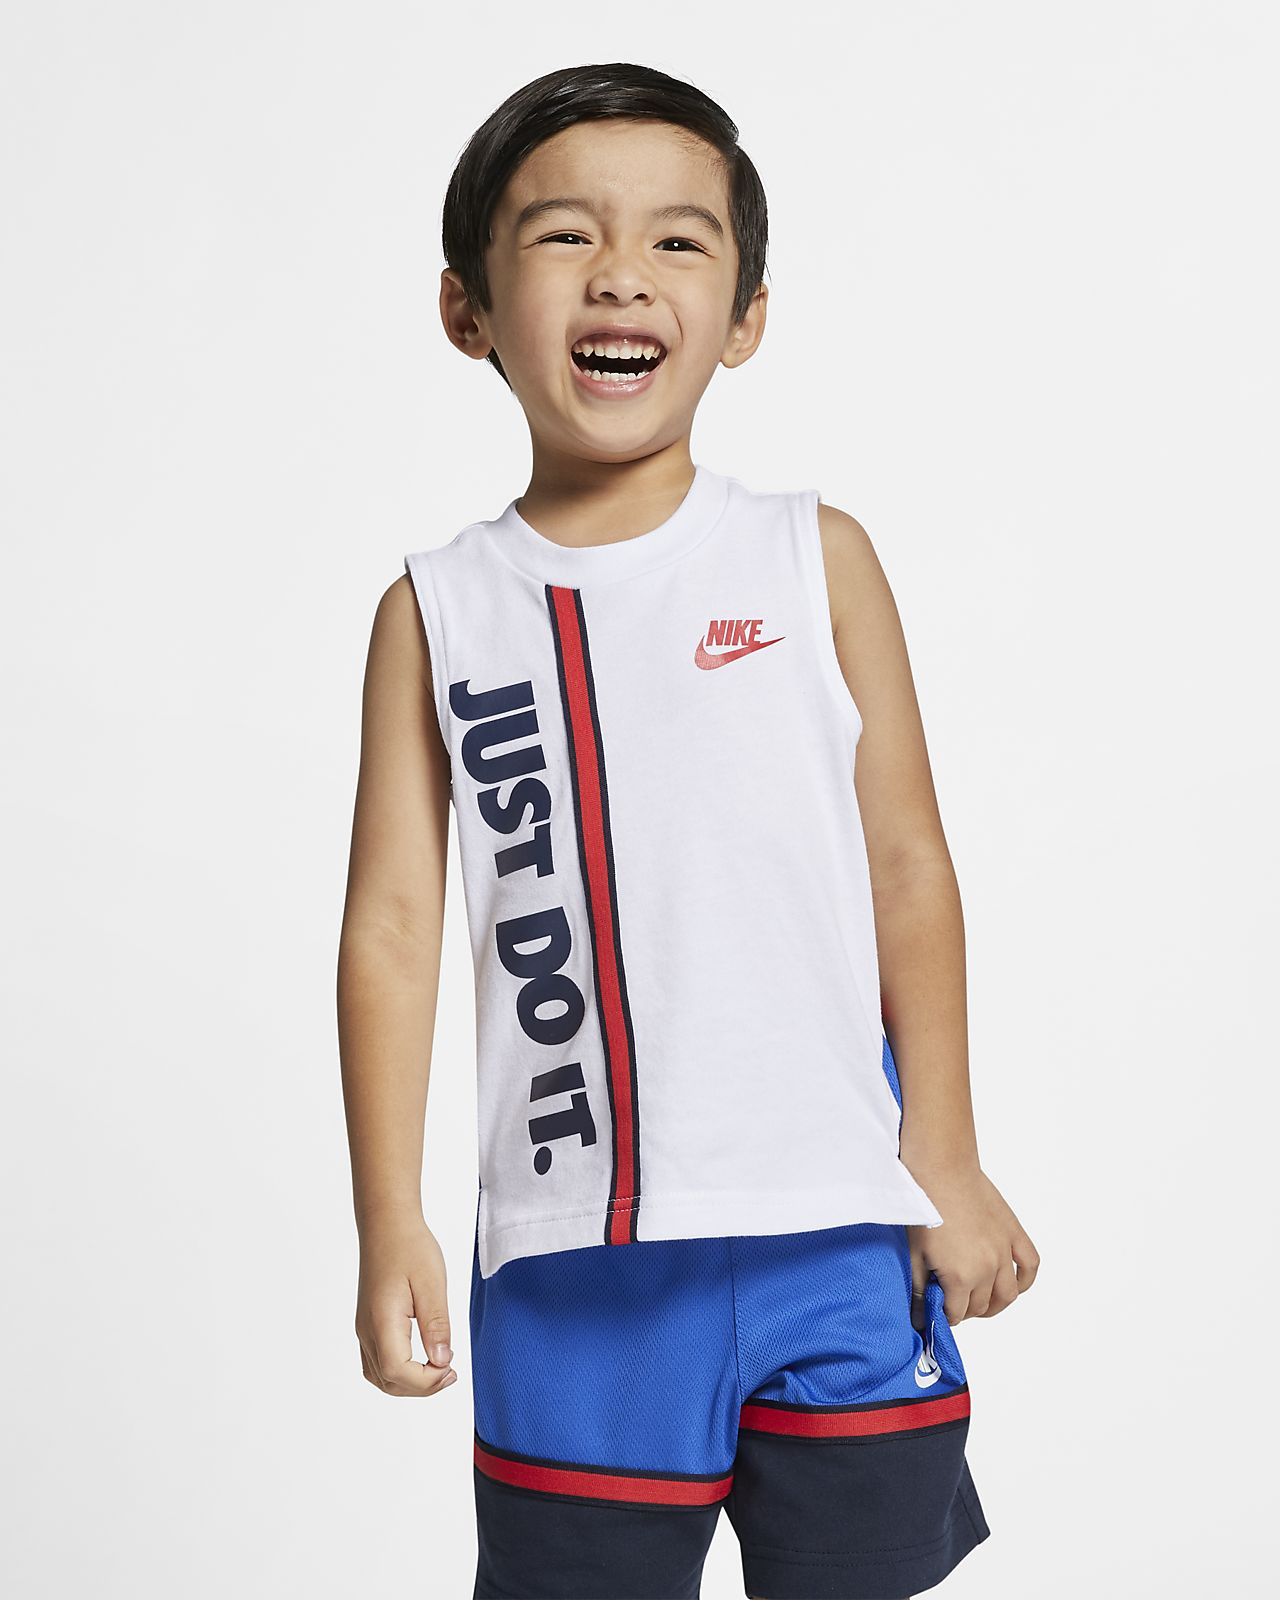 Nike Sportswear Toddler Top